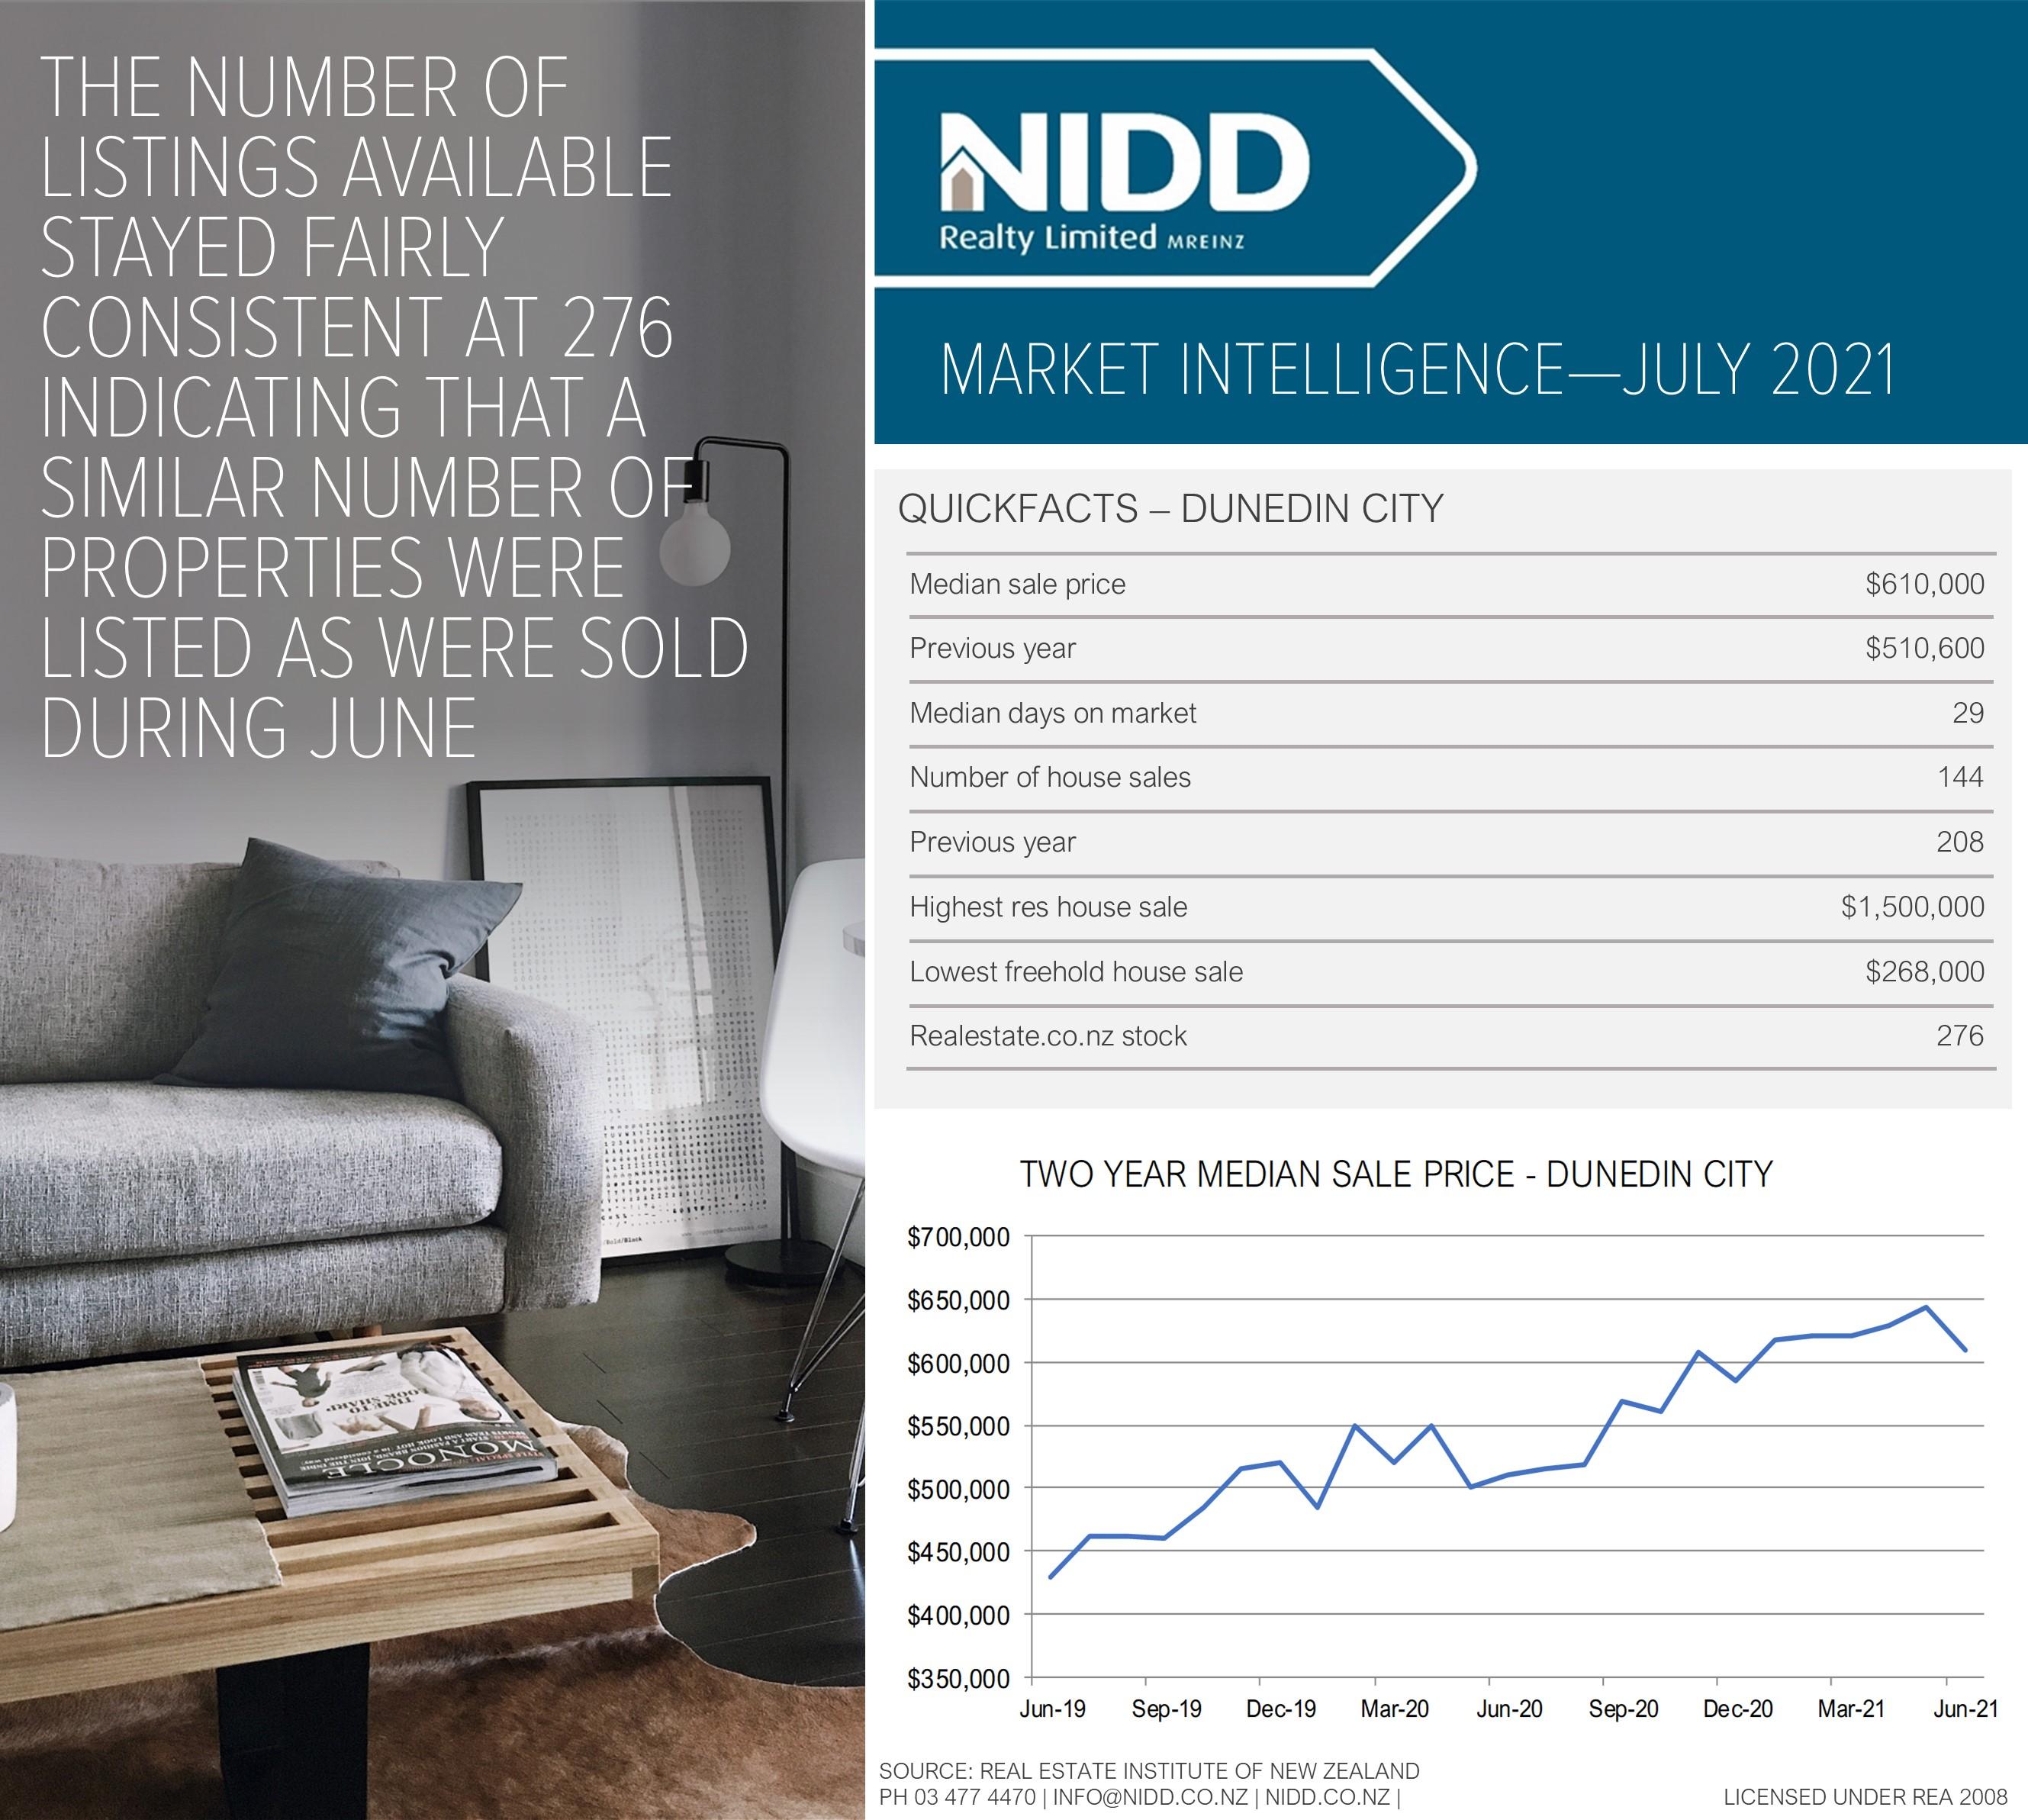 July 2021 Market Intelligence - Infographic